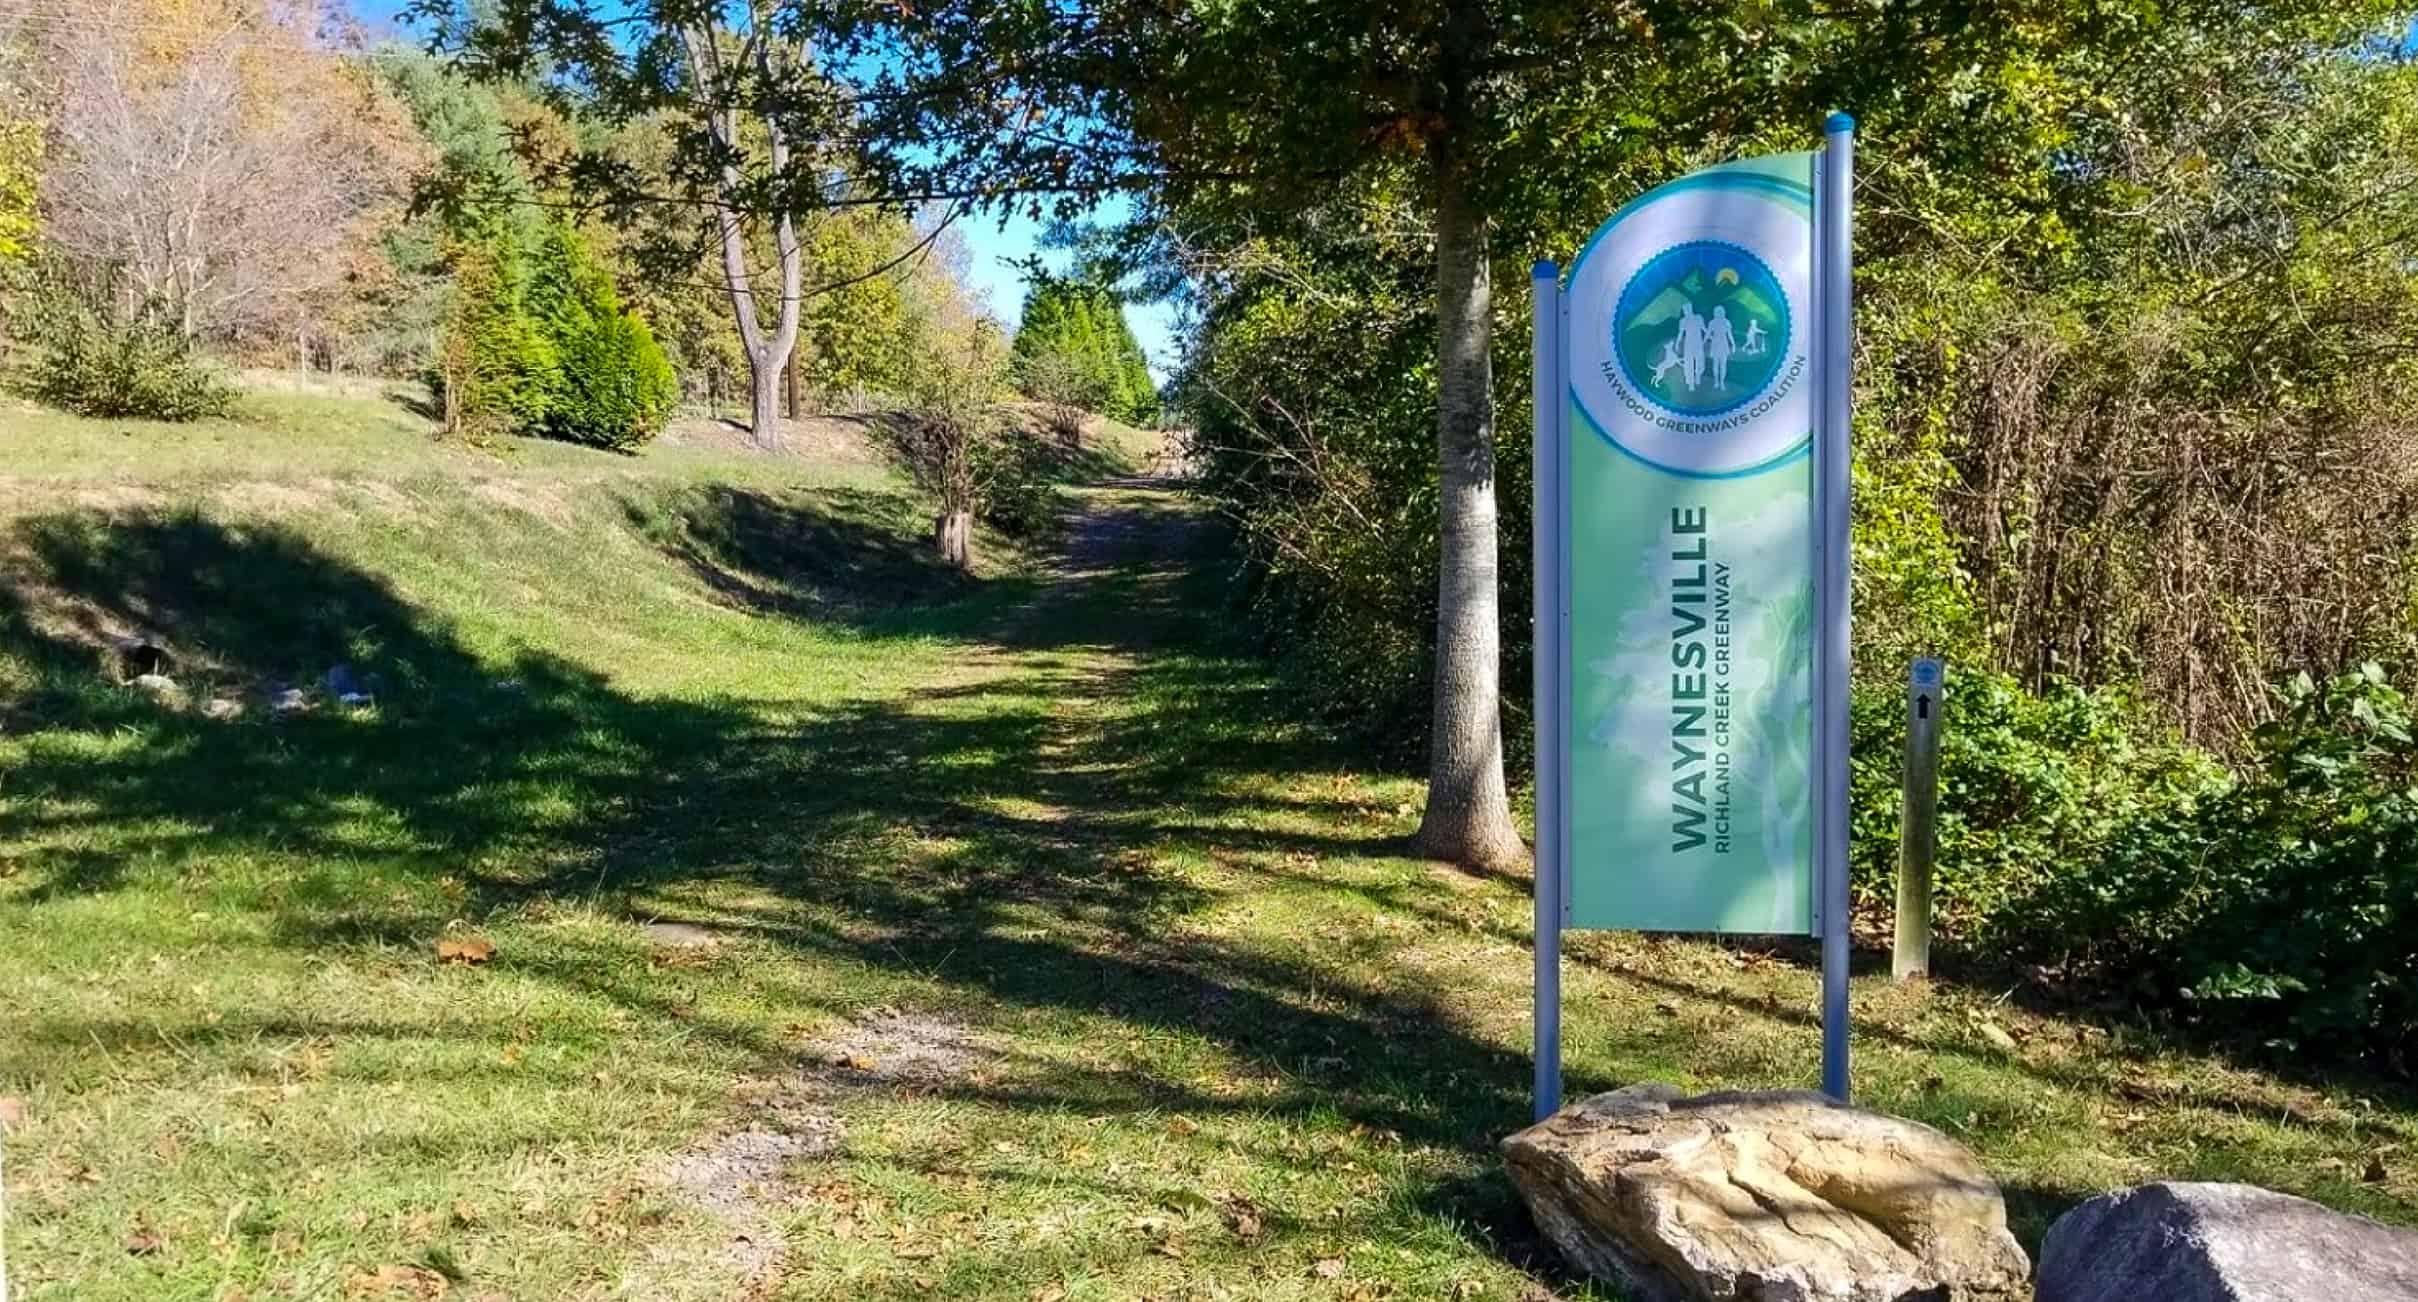 Waynesville Greenway Hike Visit Nc Smokies